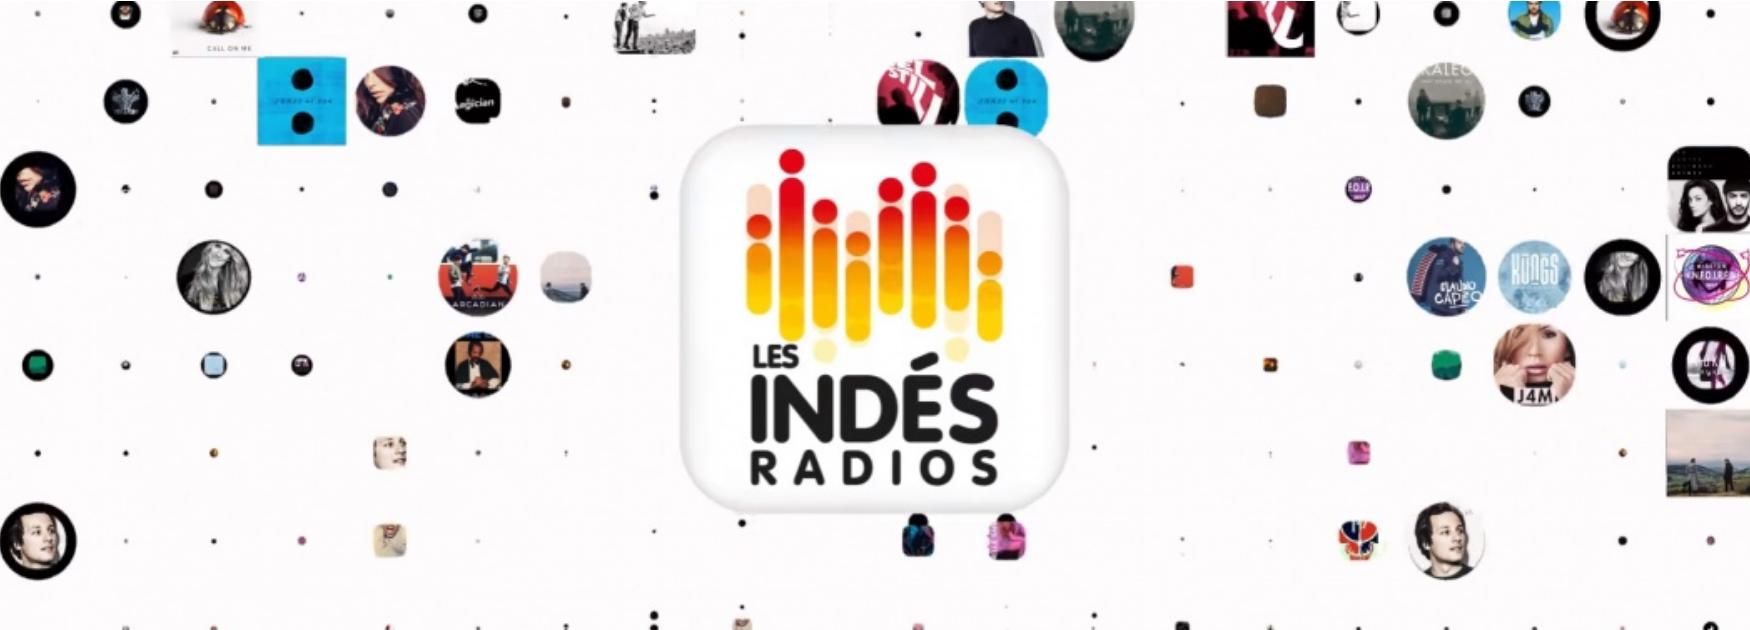 Les Indés Radios et TF1 Pub lancent une offre 100% préroll audio avec SoundCast